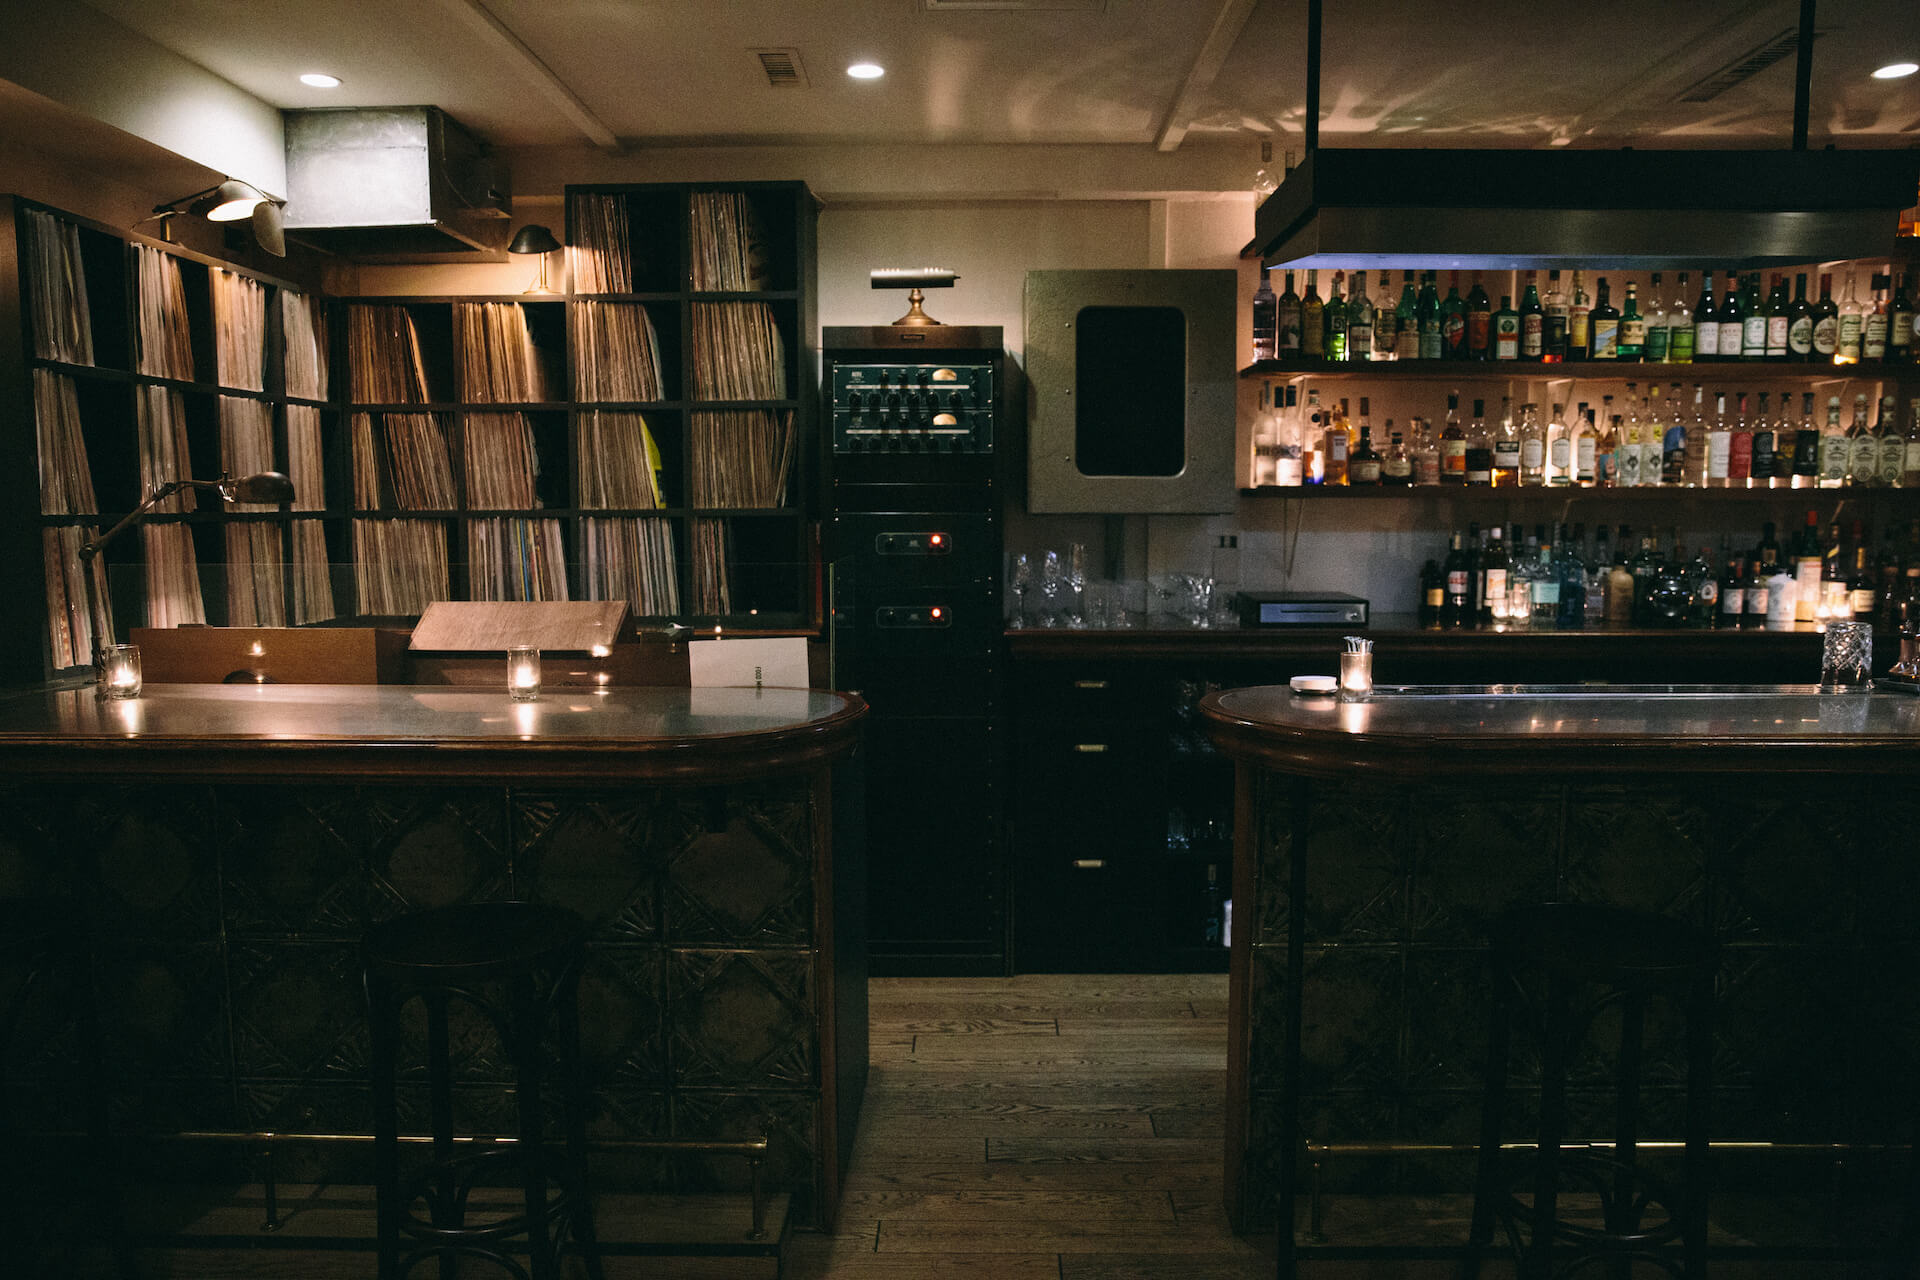 レコードとお酒 & バーテンダーのいい話:Vol.1 森岡賢二_INC COCKTAILS